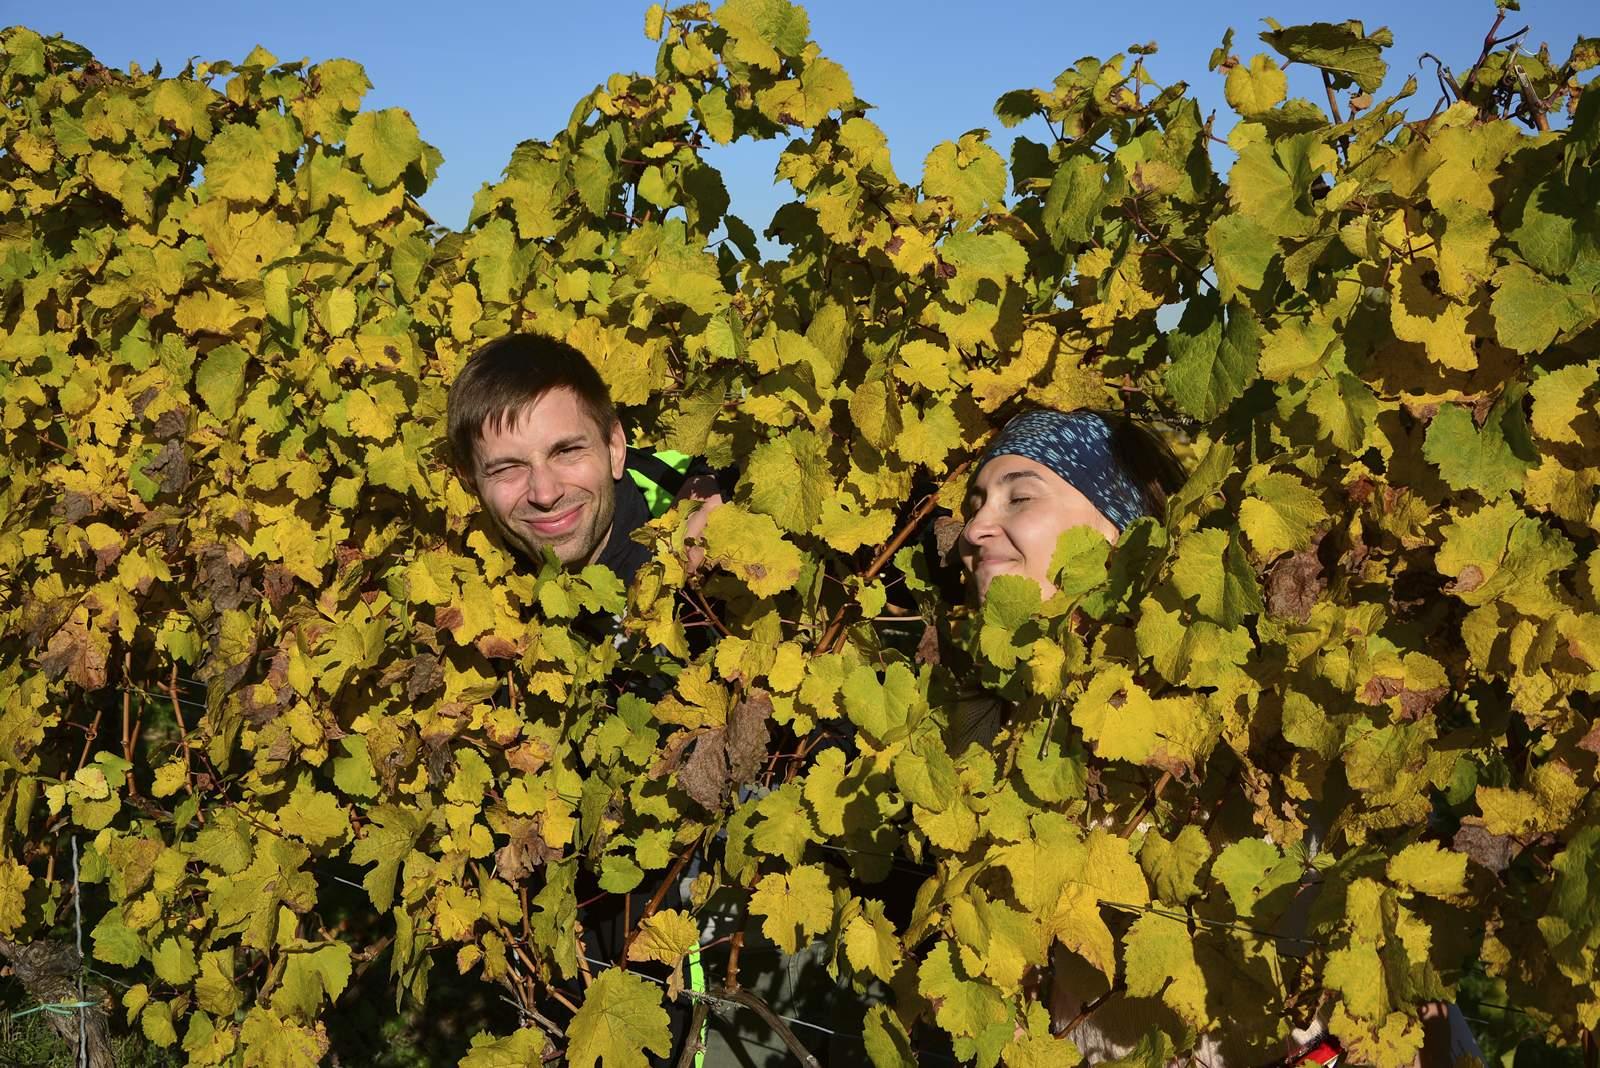 enoturystyka winnice wakacje z winem gdzie wyjechać do winnic